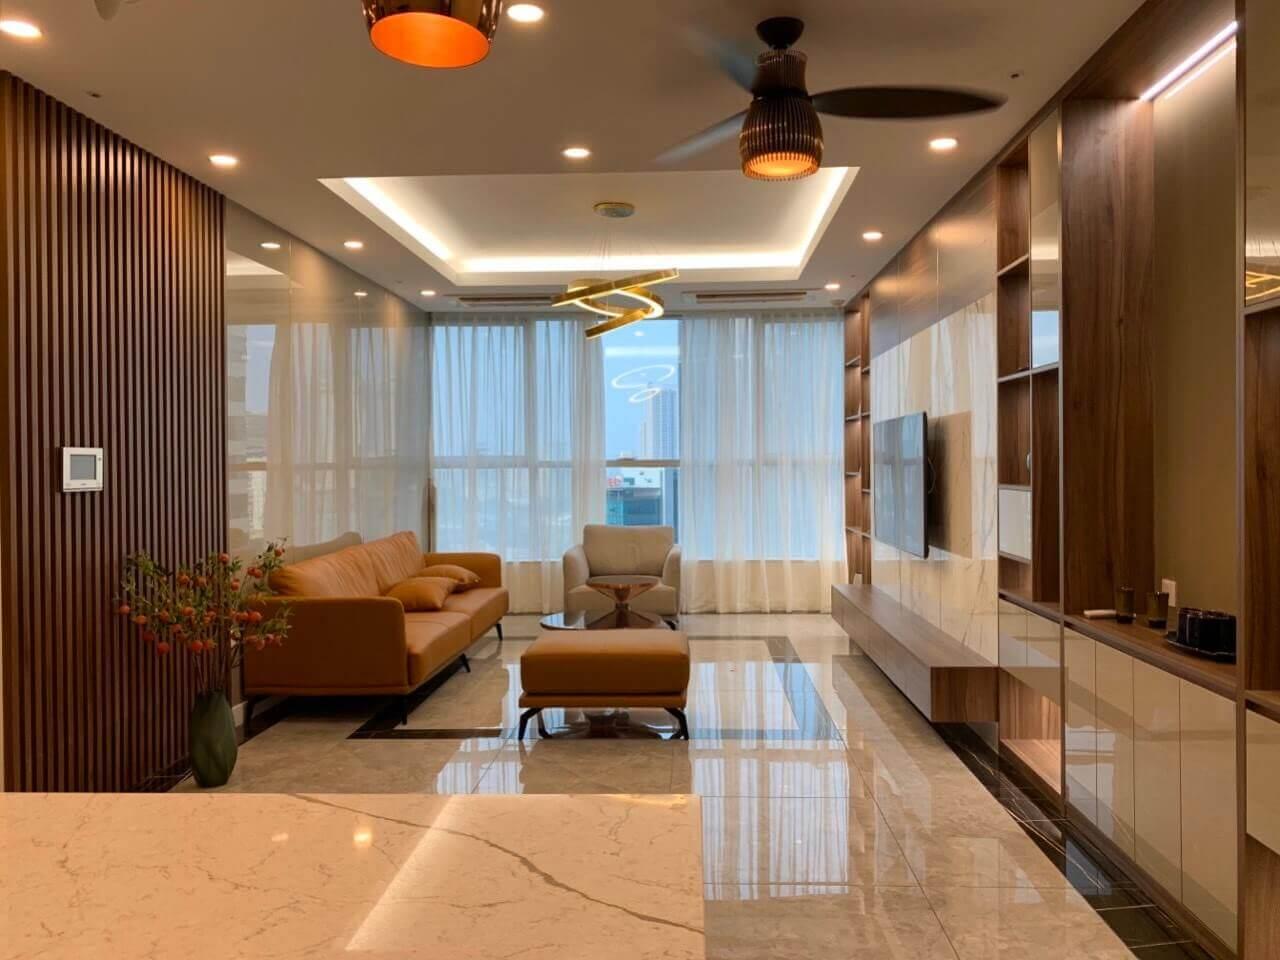 Thi công nội thất căn hộ chung cư Keangnam đẹp hiện đại